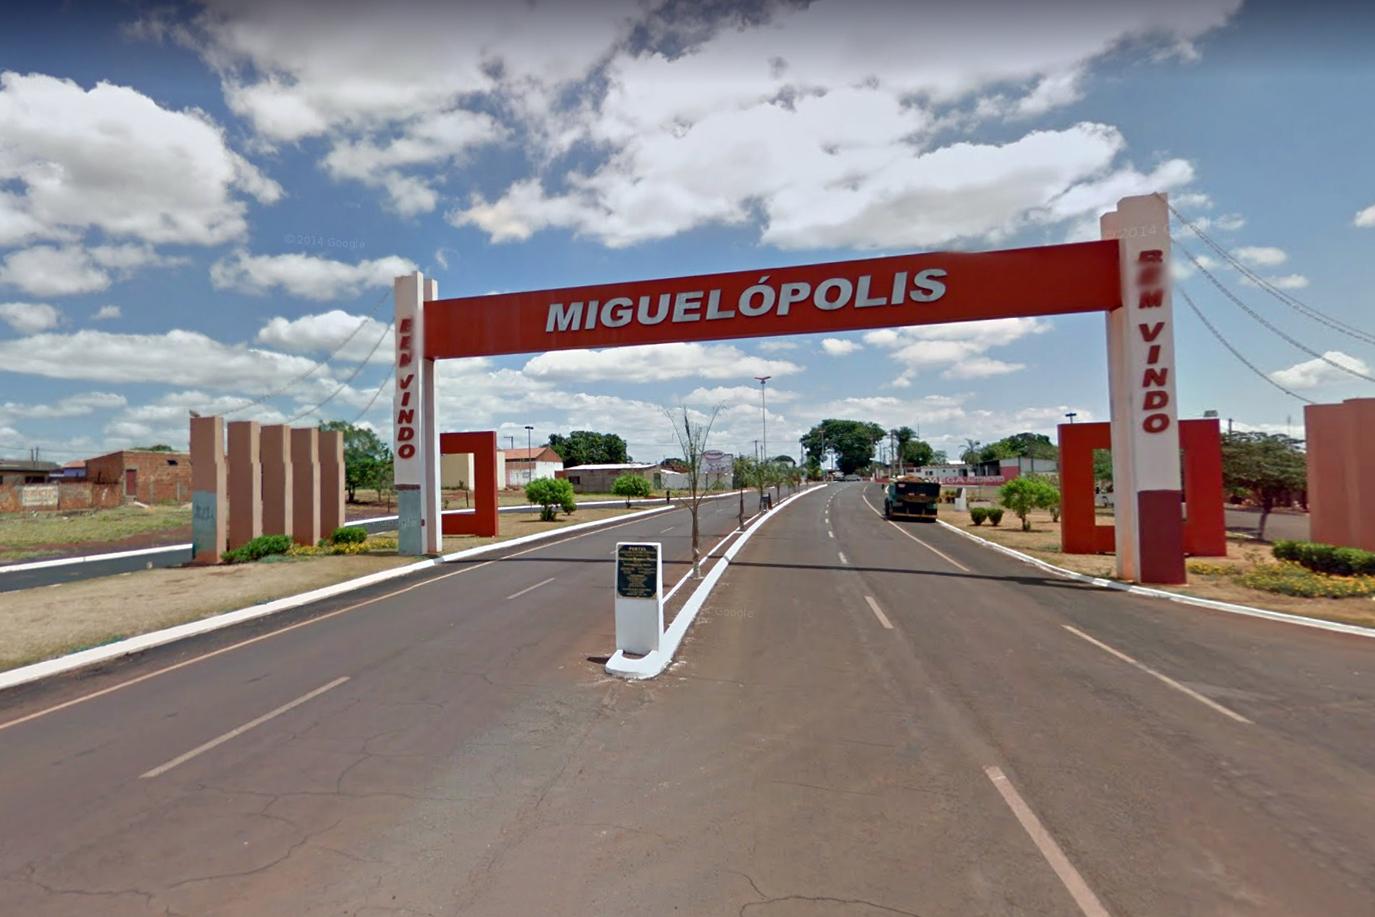 Justiça condena ex-prefeito de Miguelópolis por improbidade administrativa